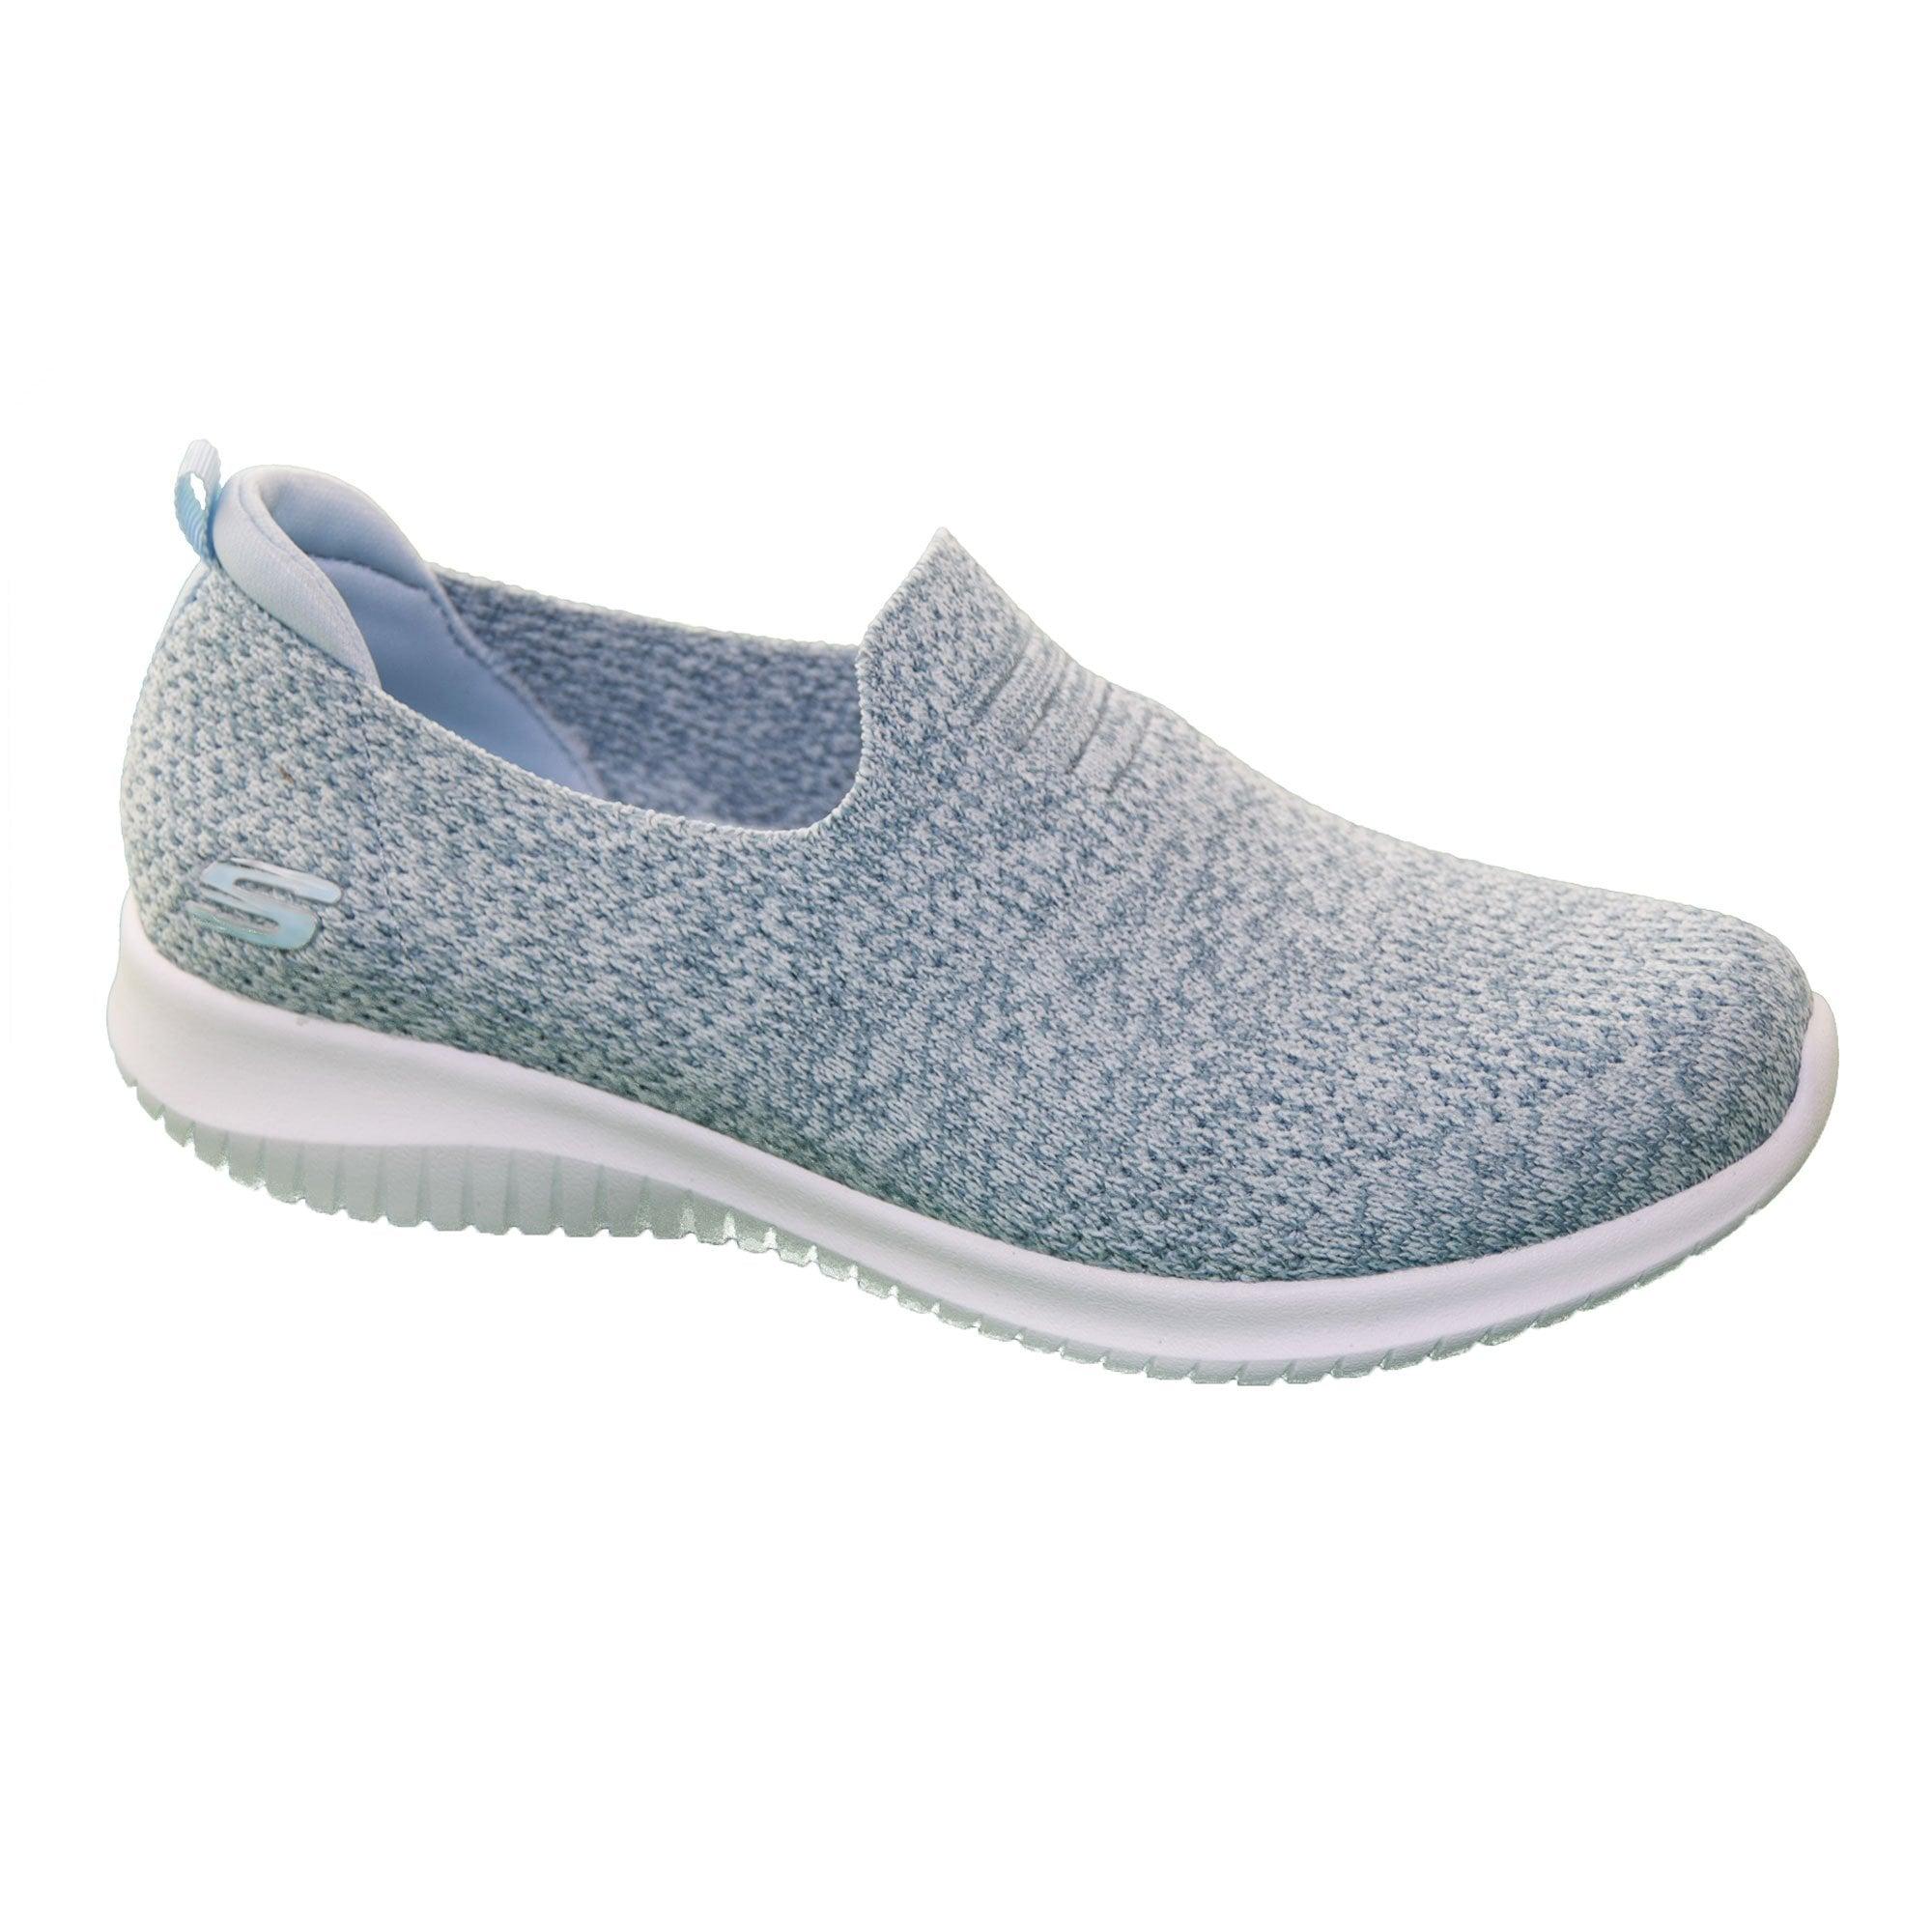 skechers ladies sneakers